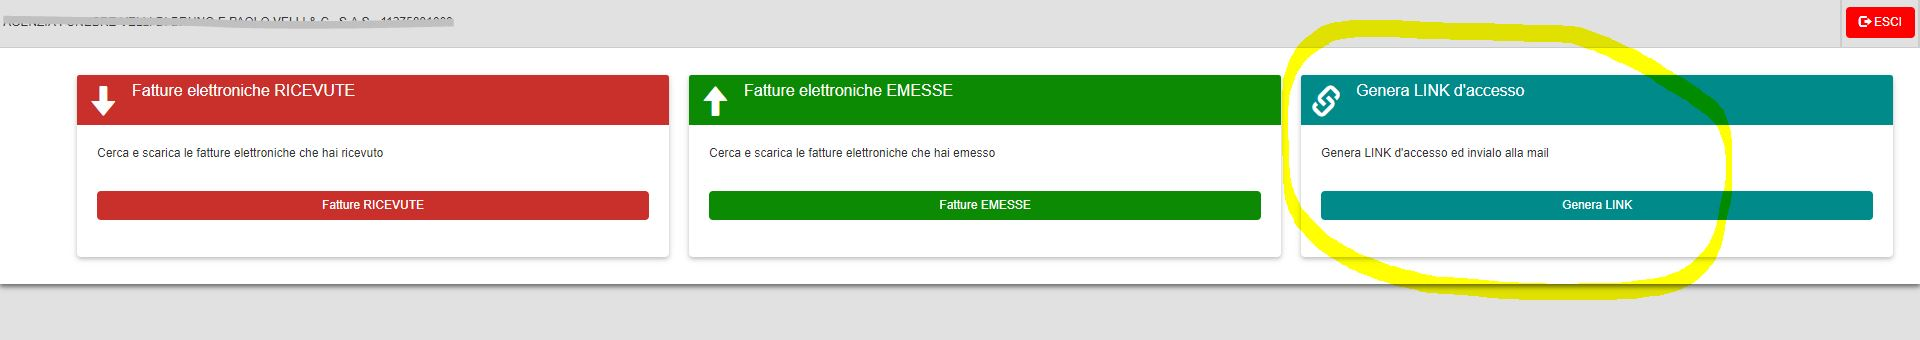 inviare le fatture elettroniche al commercialista - Genera LINK accesso